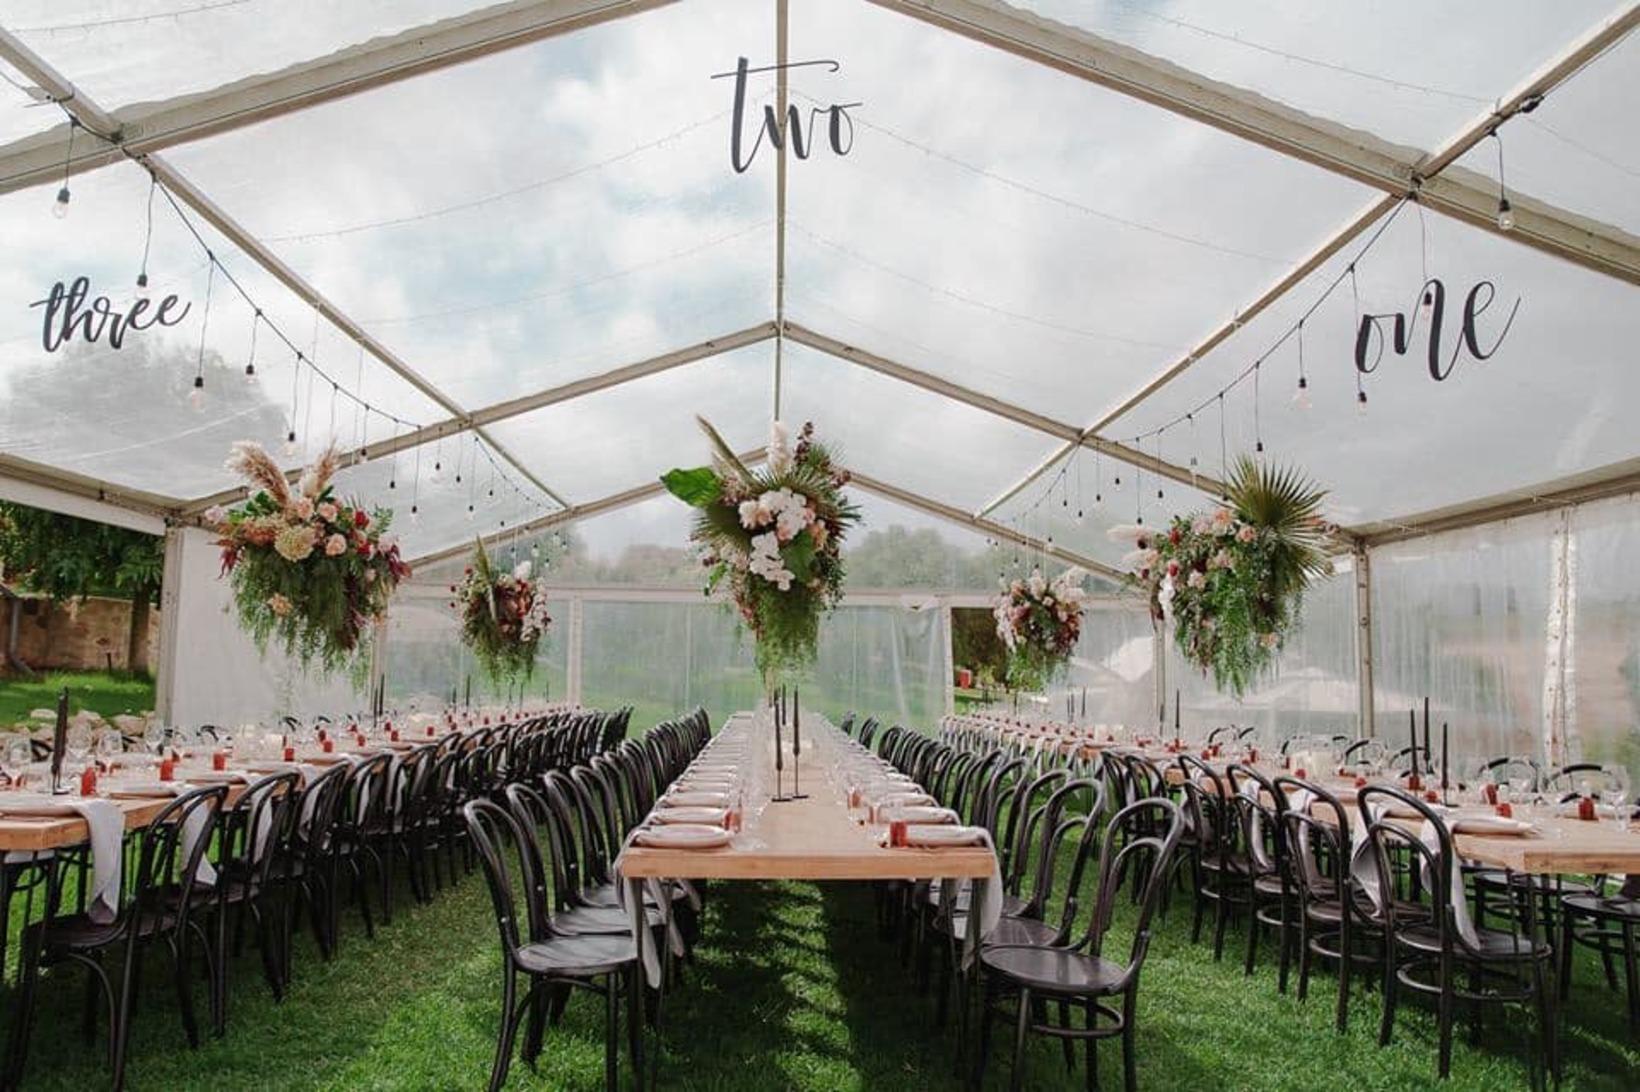 10m x 20m Clear roof pavilion